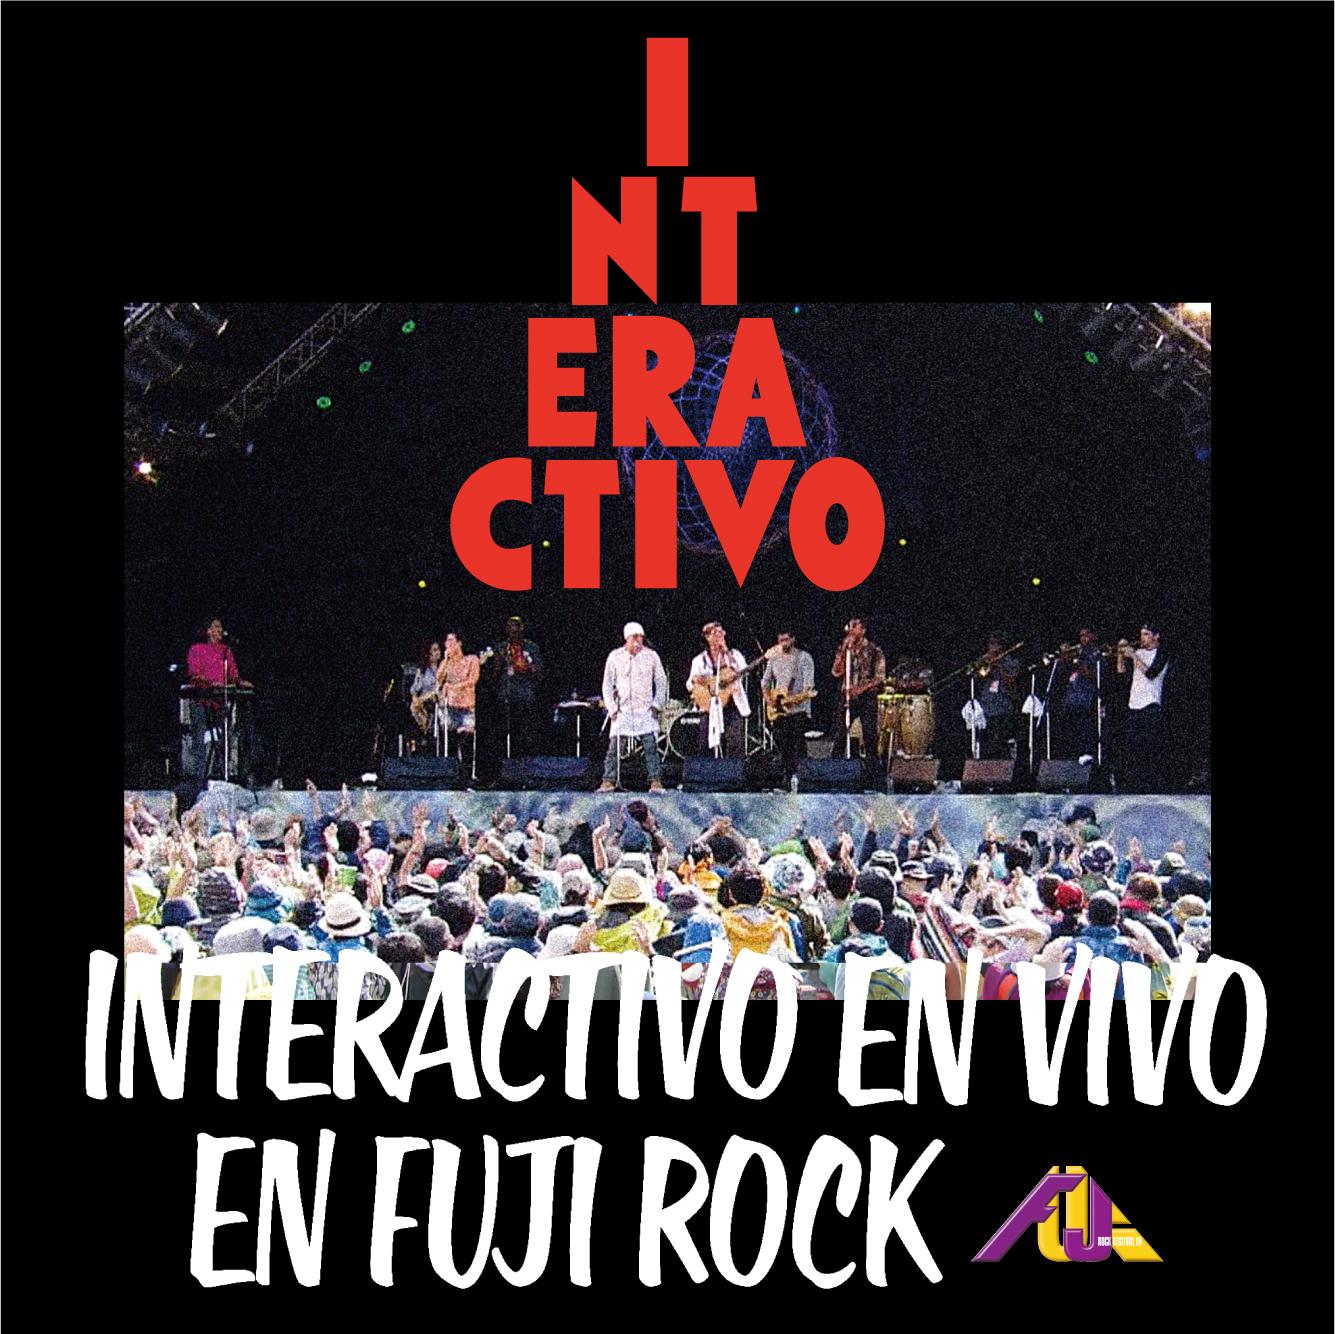 INTERACTIVO『INTERACTIVO EN VIVO EN FUJI ROCK』